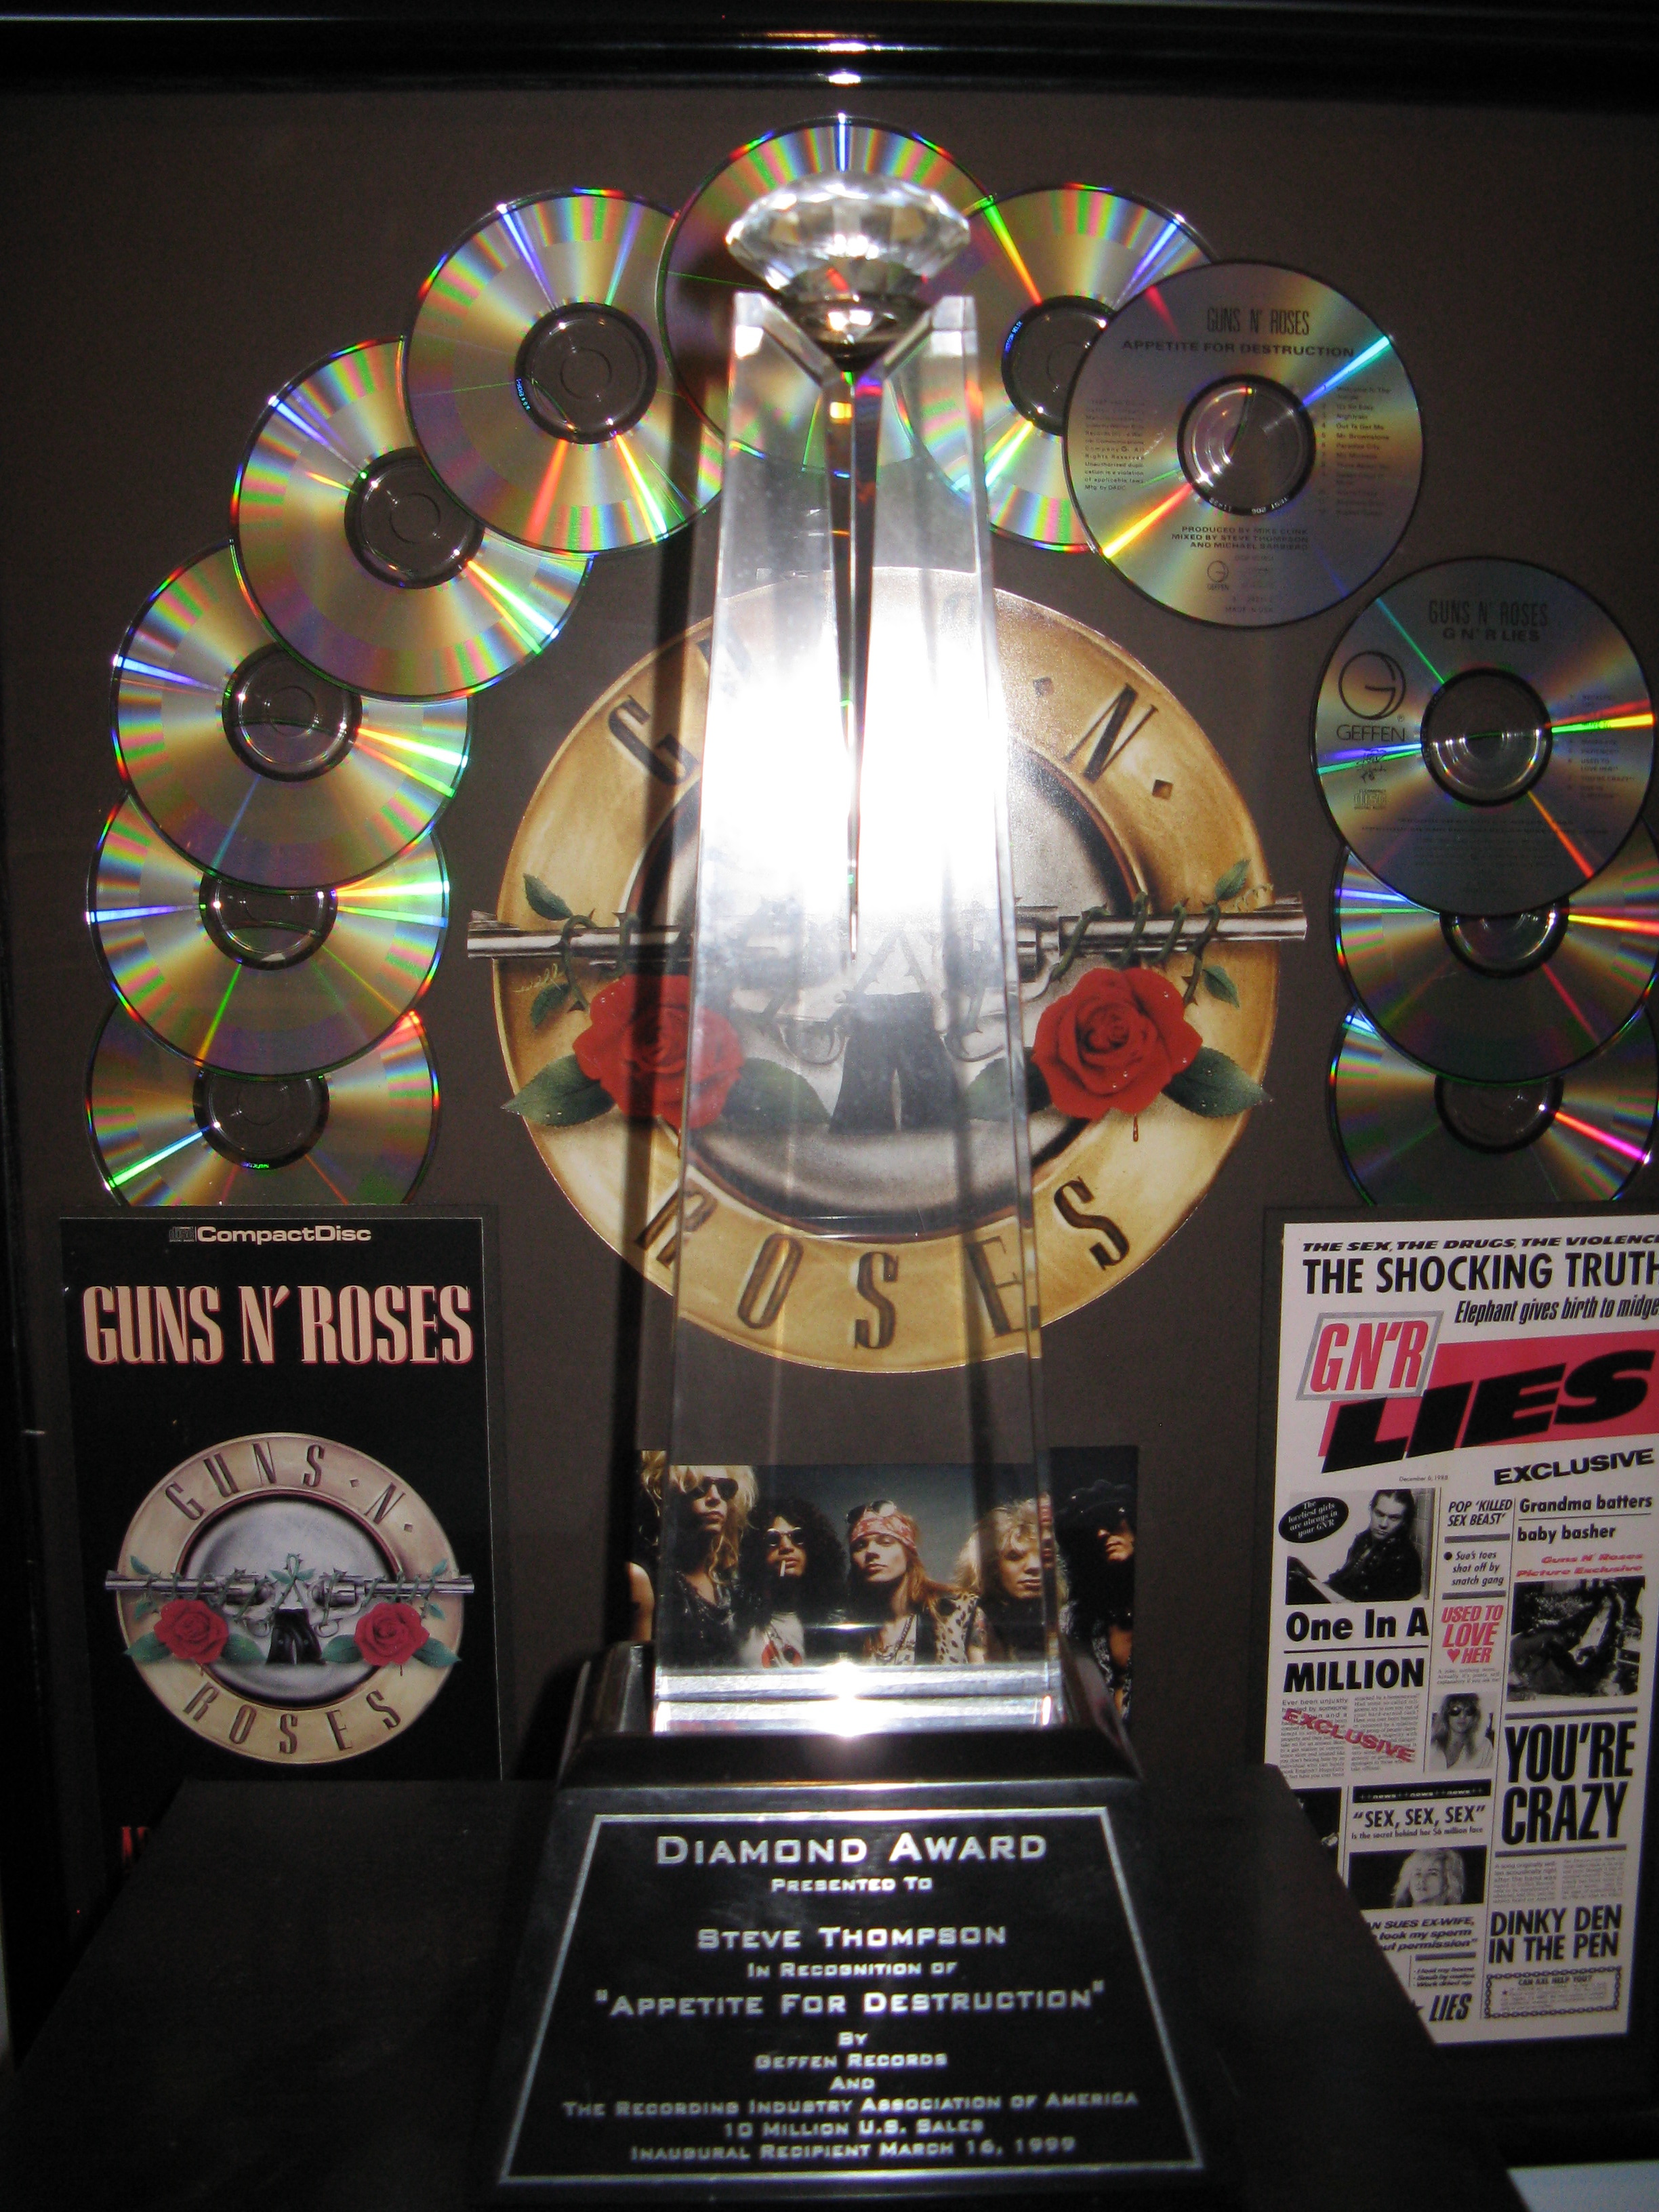 Diamond Award for Guns N' Roses